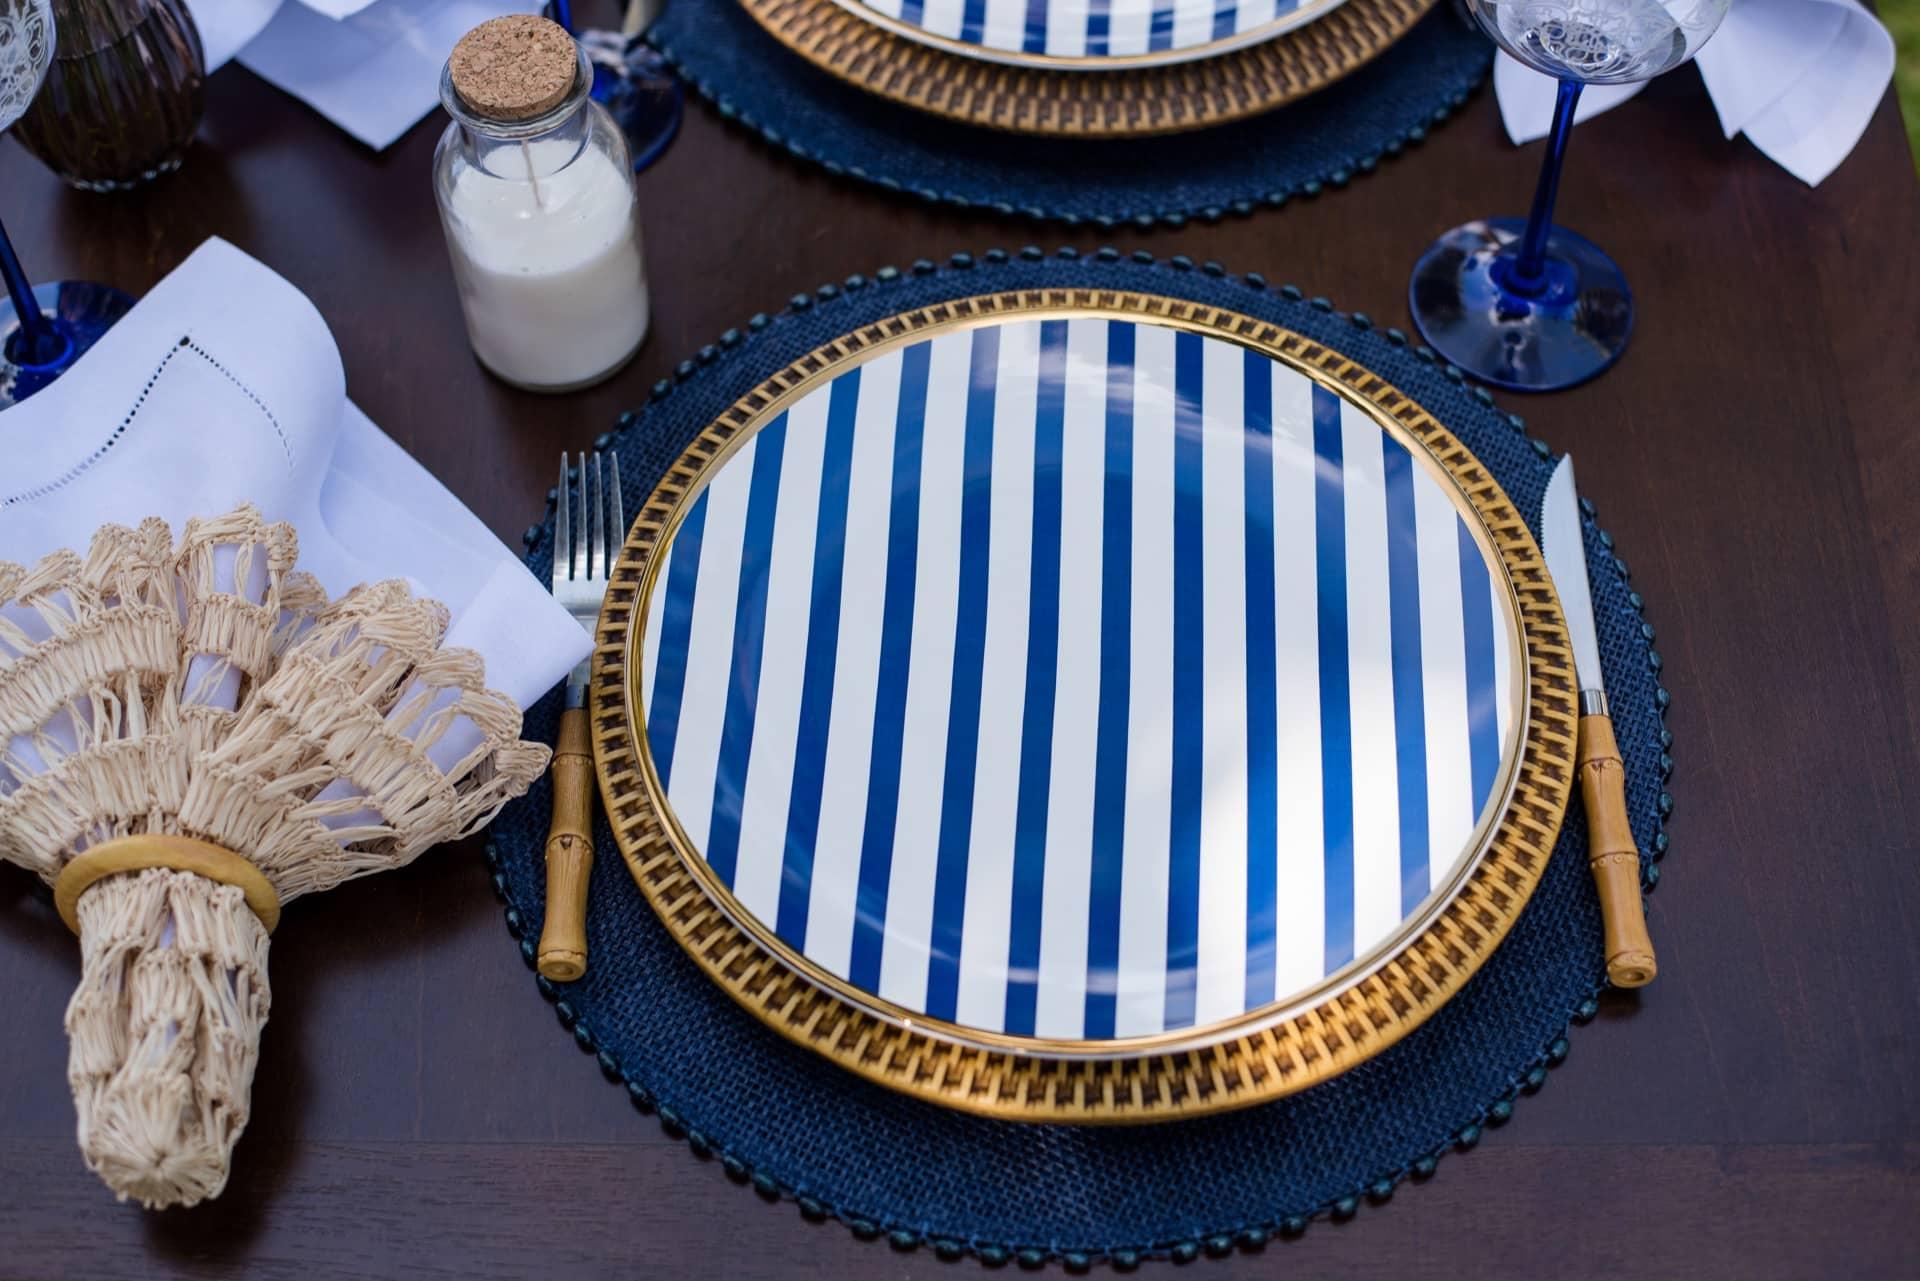 Imagem: Nessa louça de inspiração portuguesa, o grafismo azul e branco contrasta com o friso de ouro. Prato de porcelana da coleção Coup Lusitana da Oxford Porcelanas. Foto: Karla Rudnick